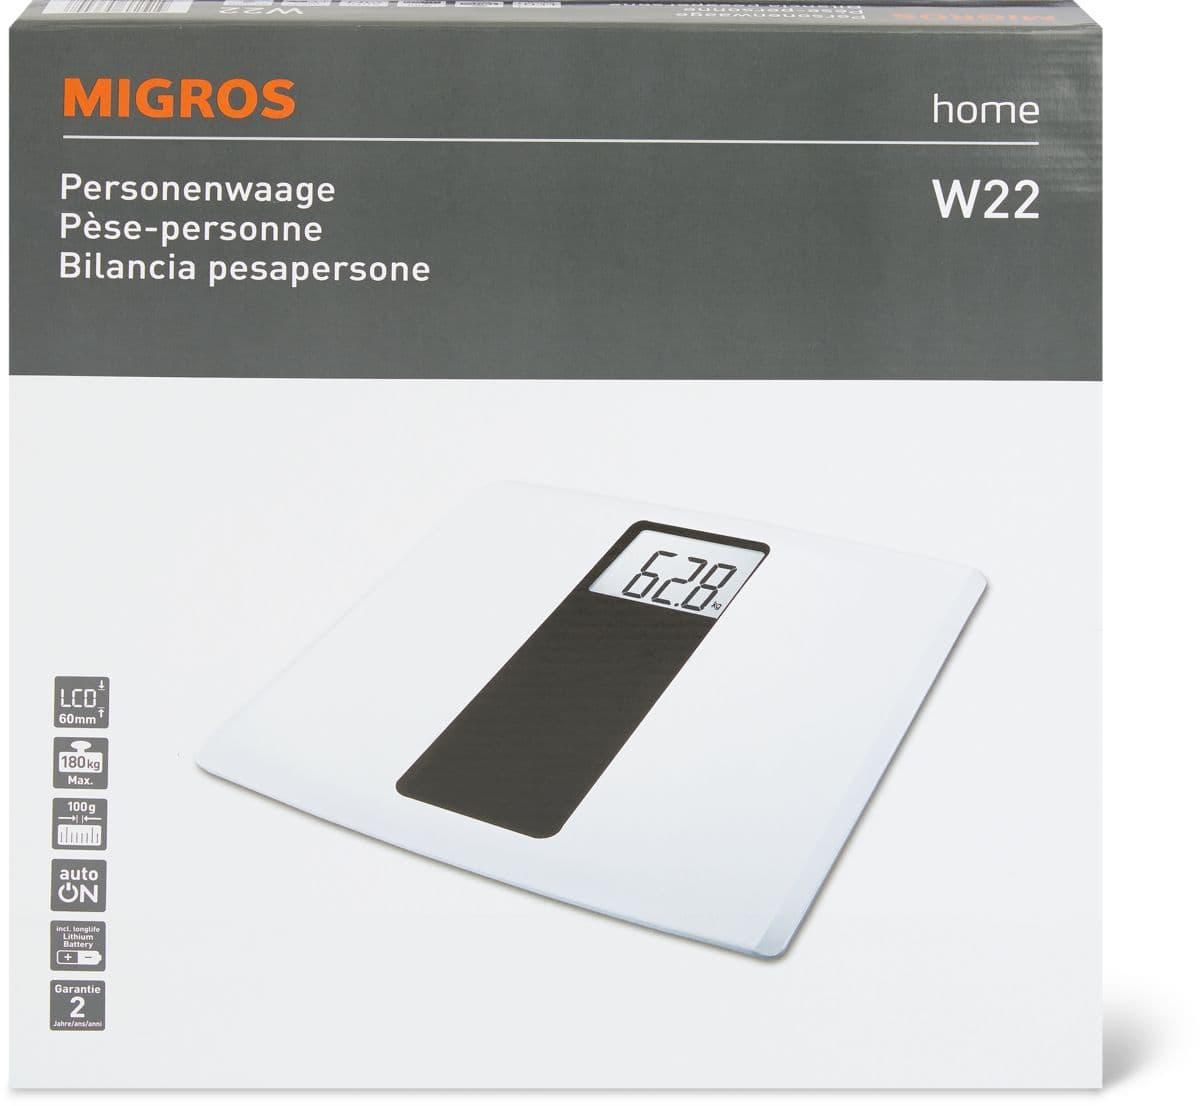 Personenwaage   Migros